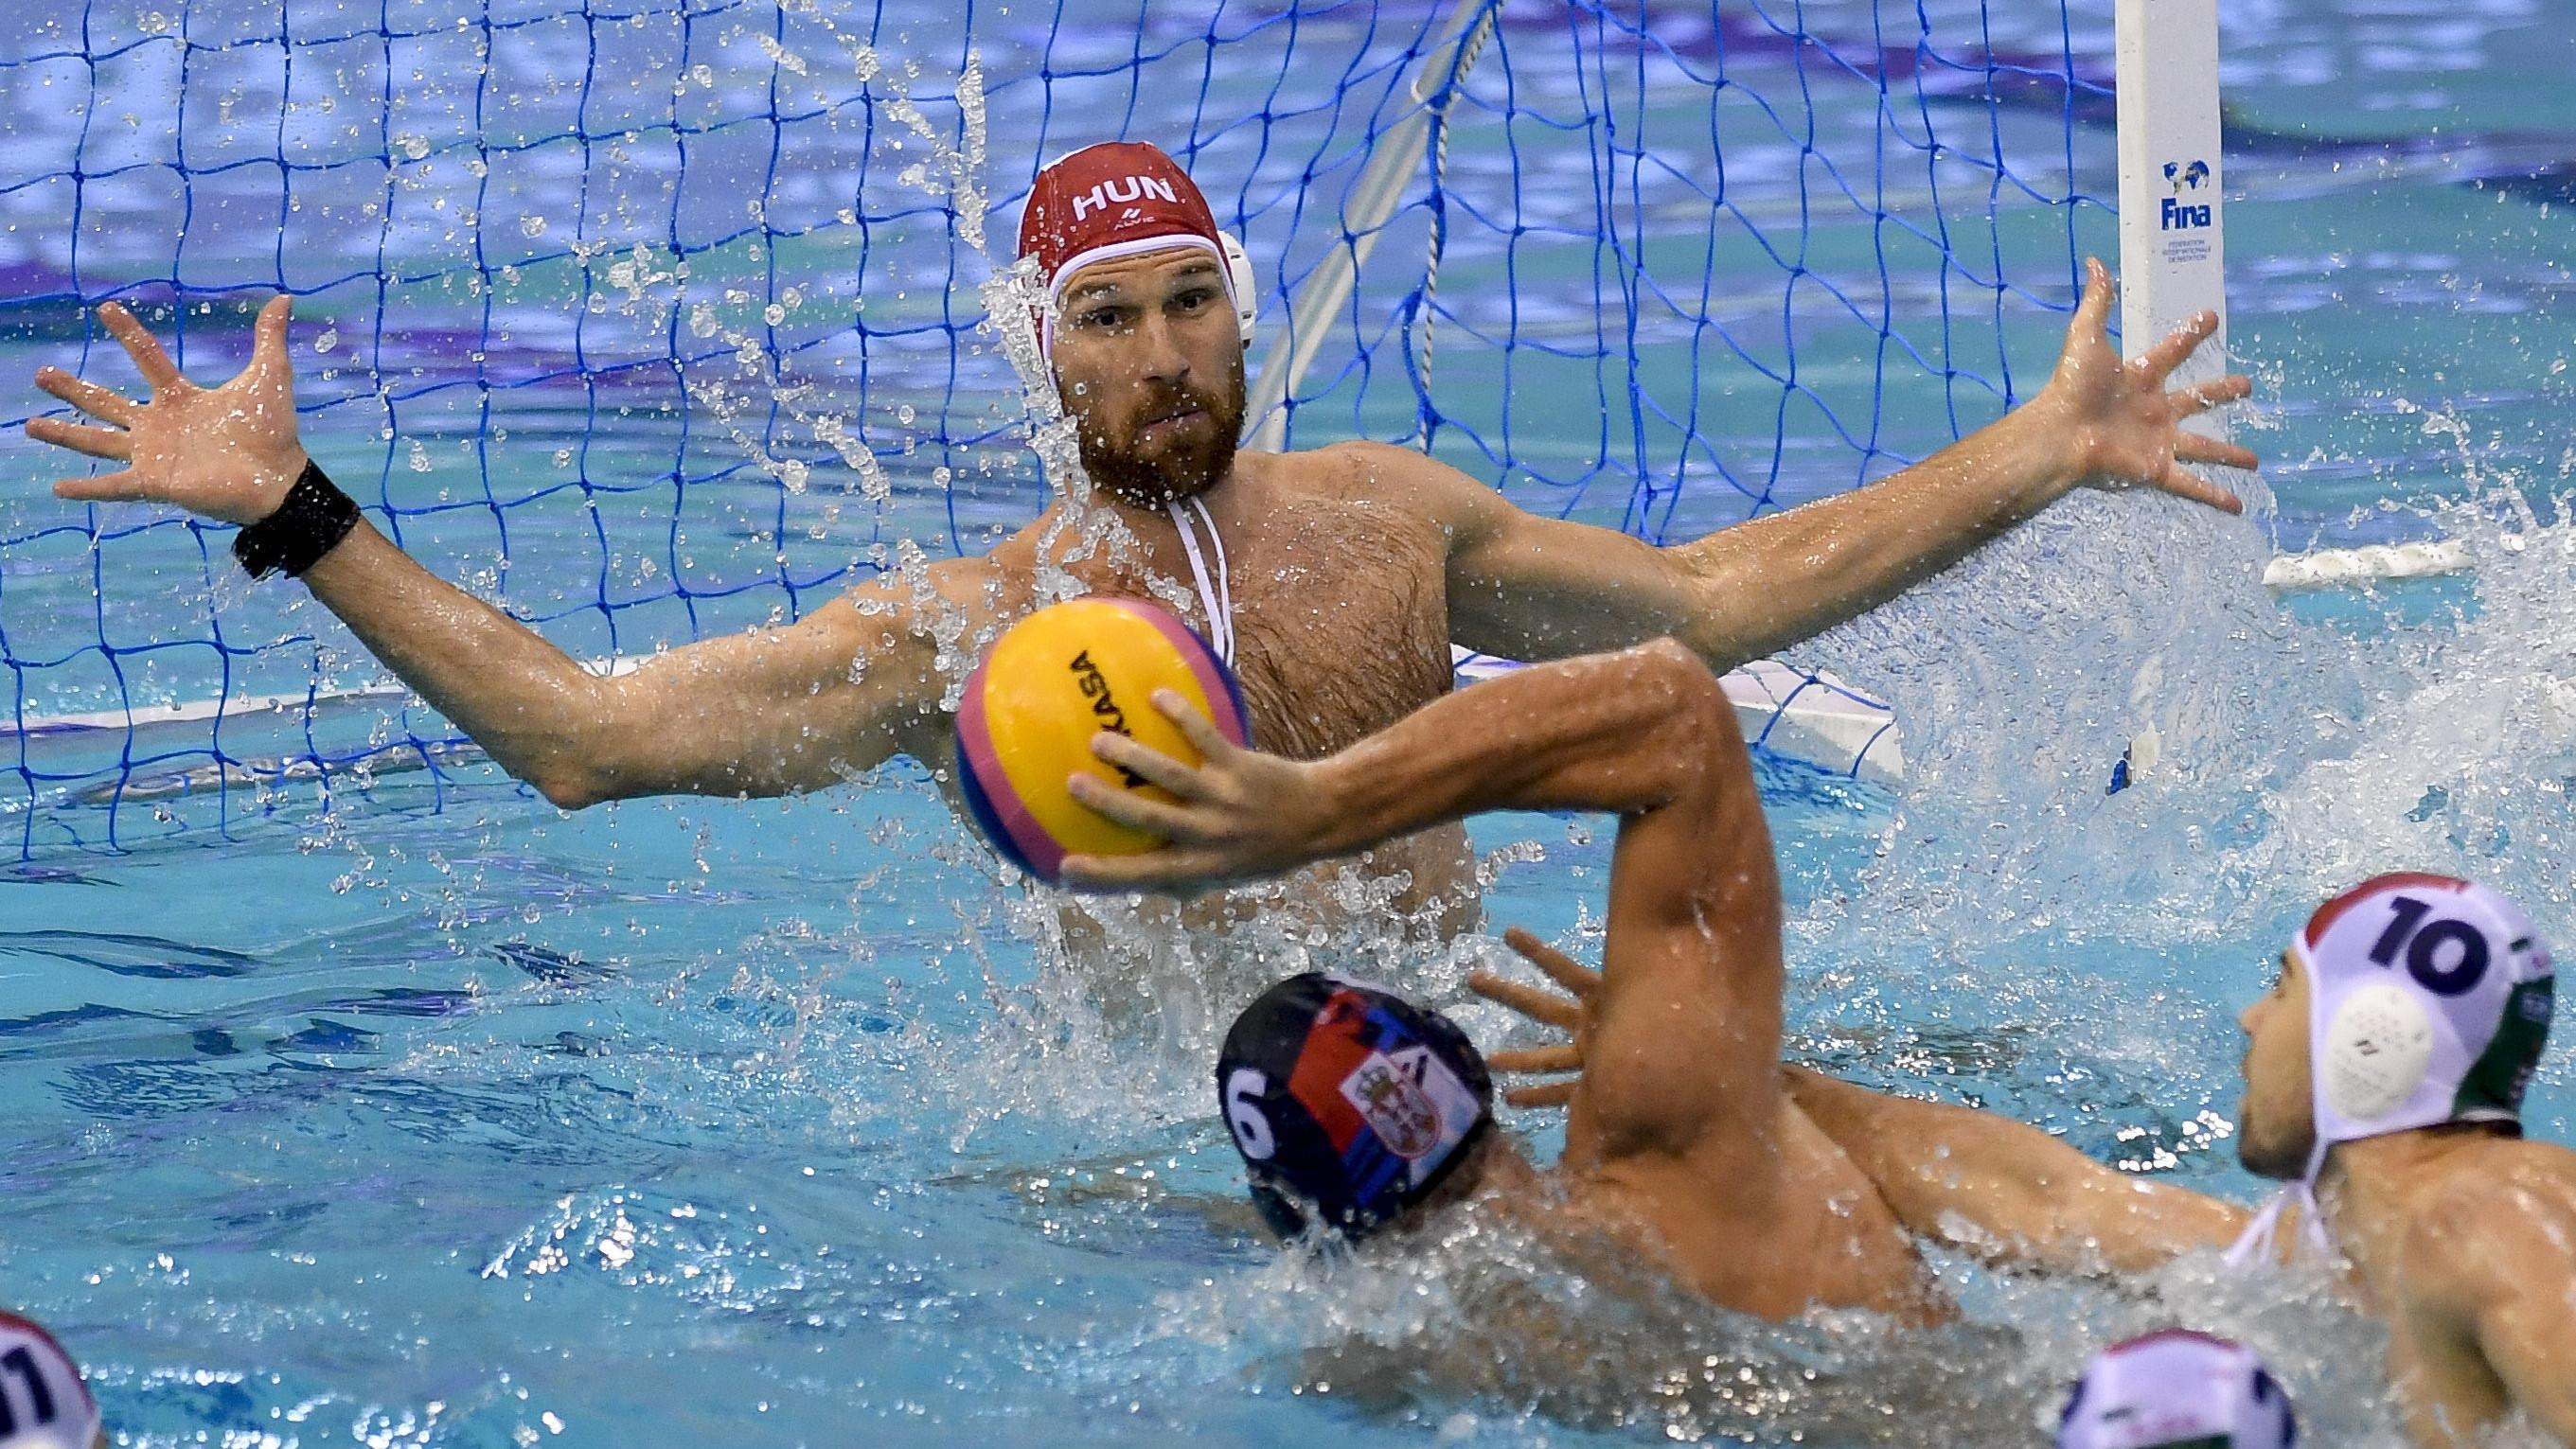 Hatodik lett a magyar csapat a világliga selejtezőjében